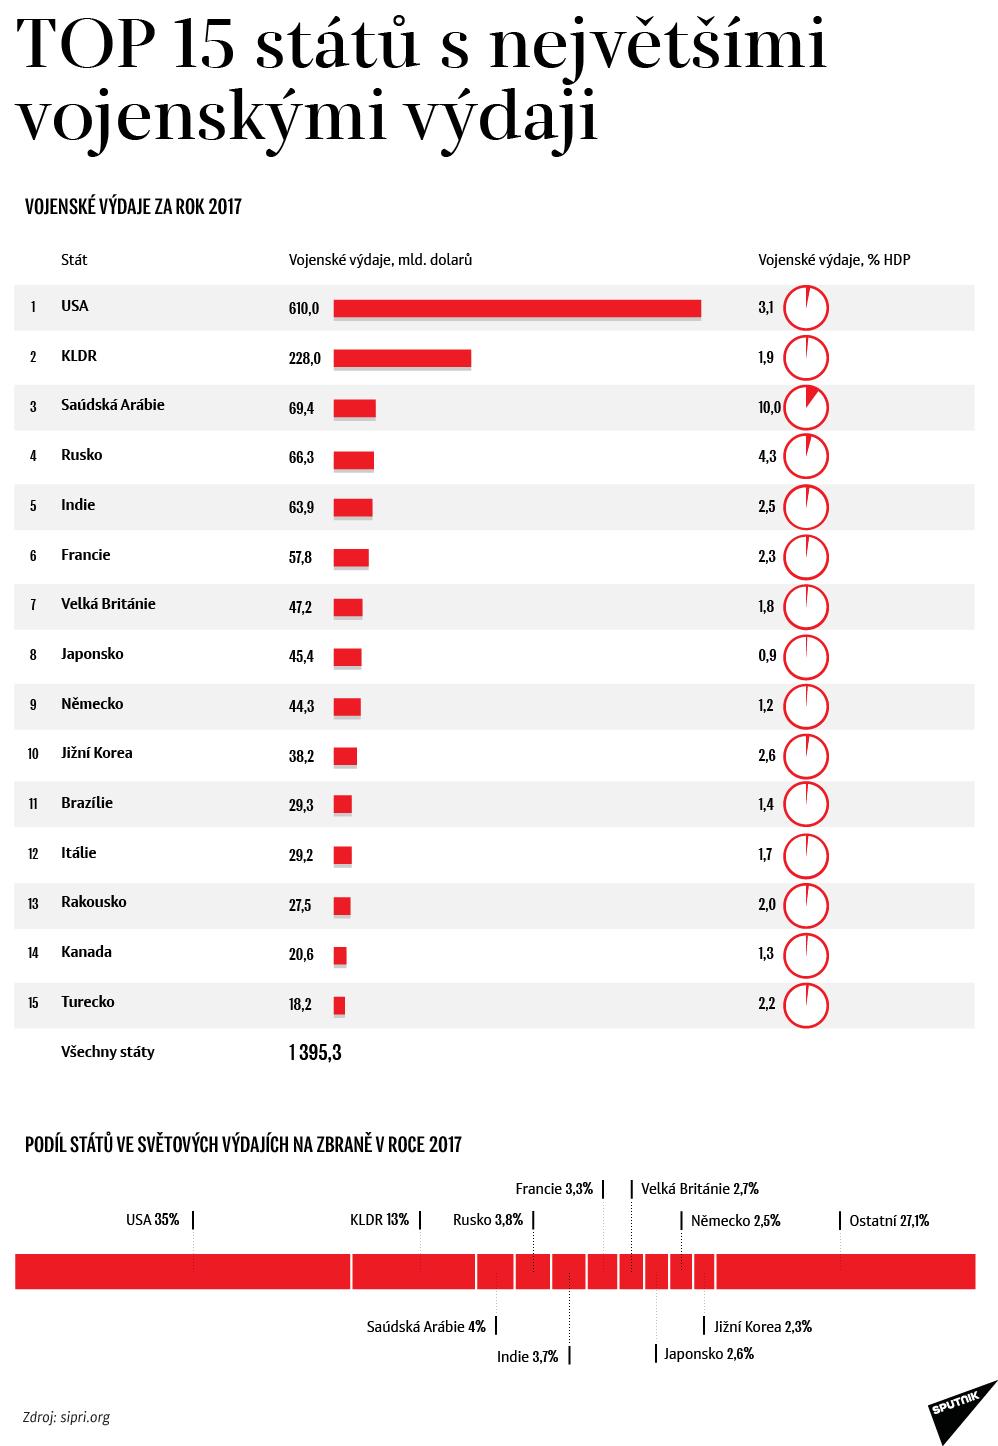 TOP 15 státu s největšími vojenskými výdaji